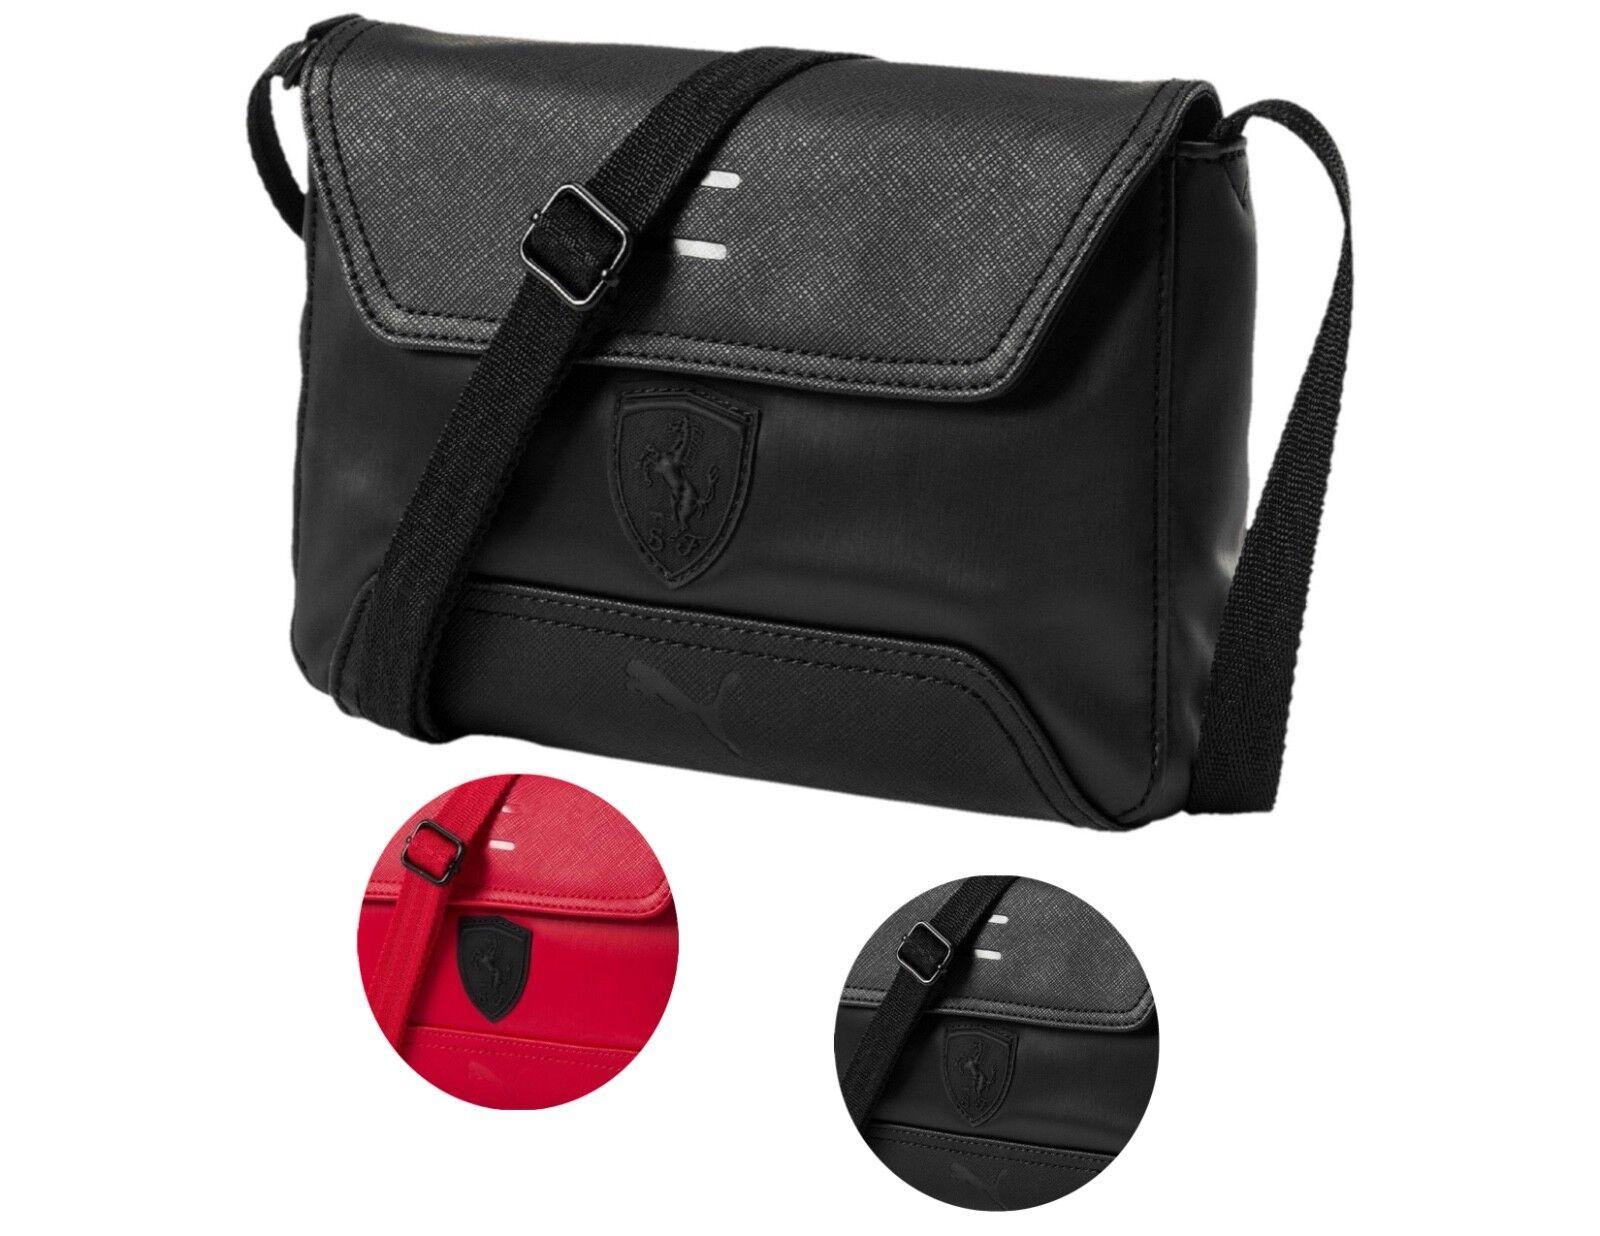 284974e9cbea Puma Ferrari Women's Magnetic Snap LS Handbag Purse Small Satchel Bag  074845 фото